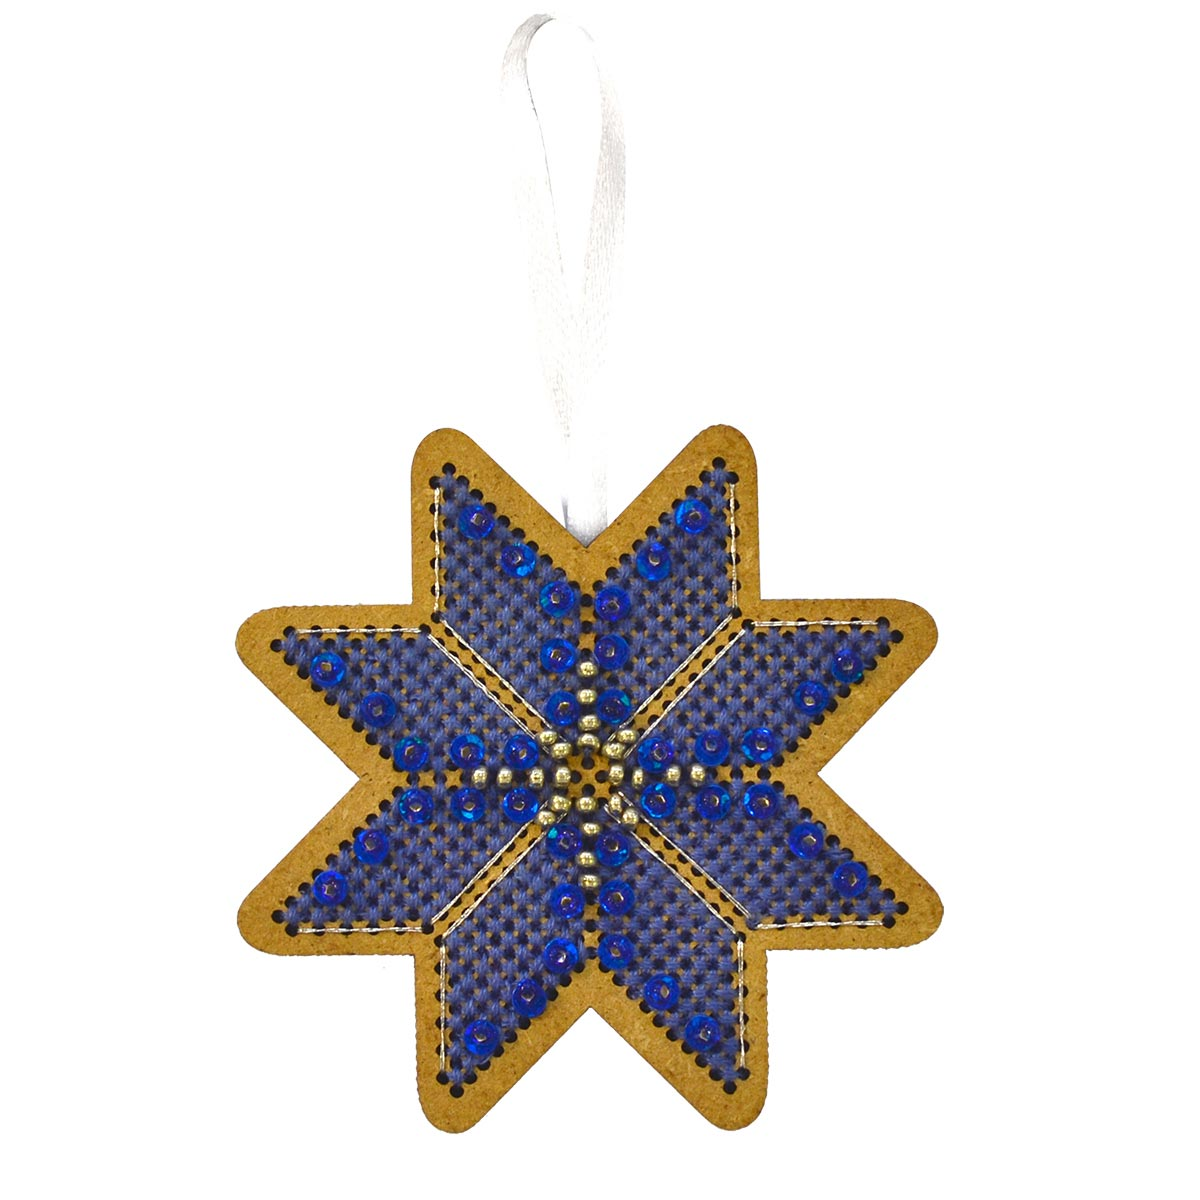 ИК-008 Набор для вышивания крестом на основе Созвездие 'Новогодняя игрушка 'Утренняя звезда'7,5*7,5см